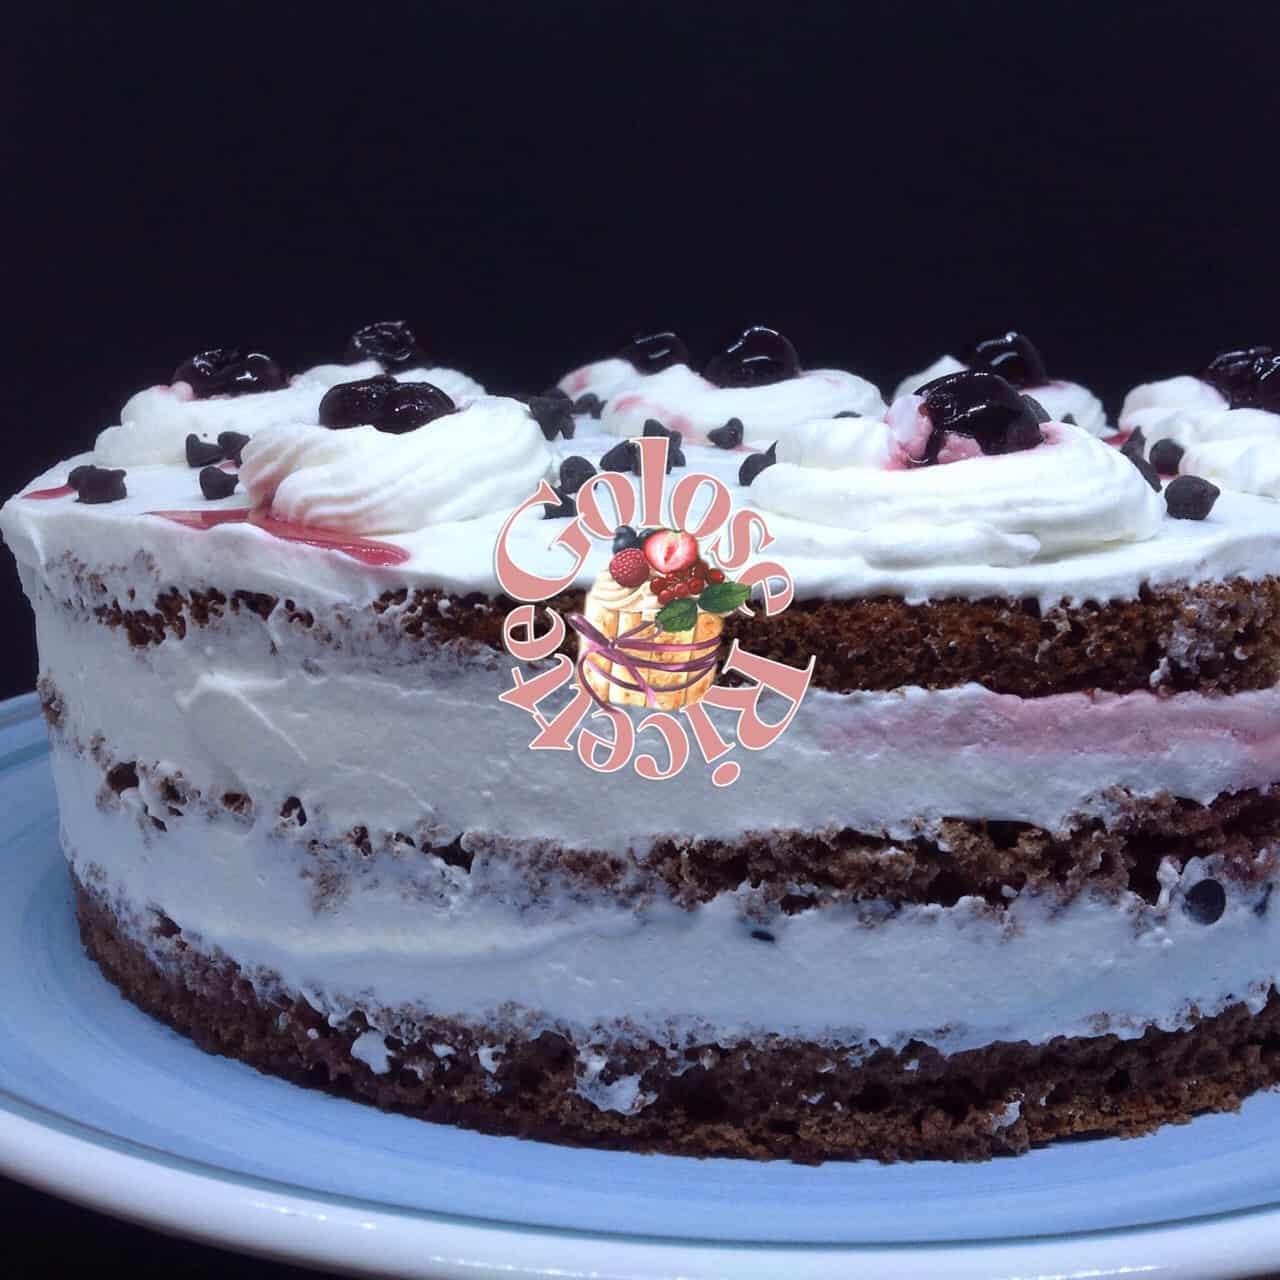 Torta Foresta Nera,Schwarzwälder Kirschtorte,l'originale